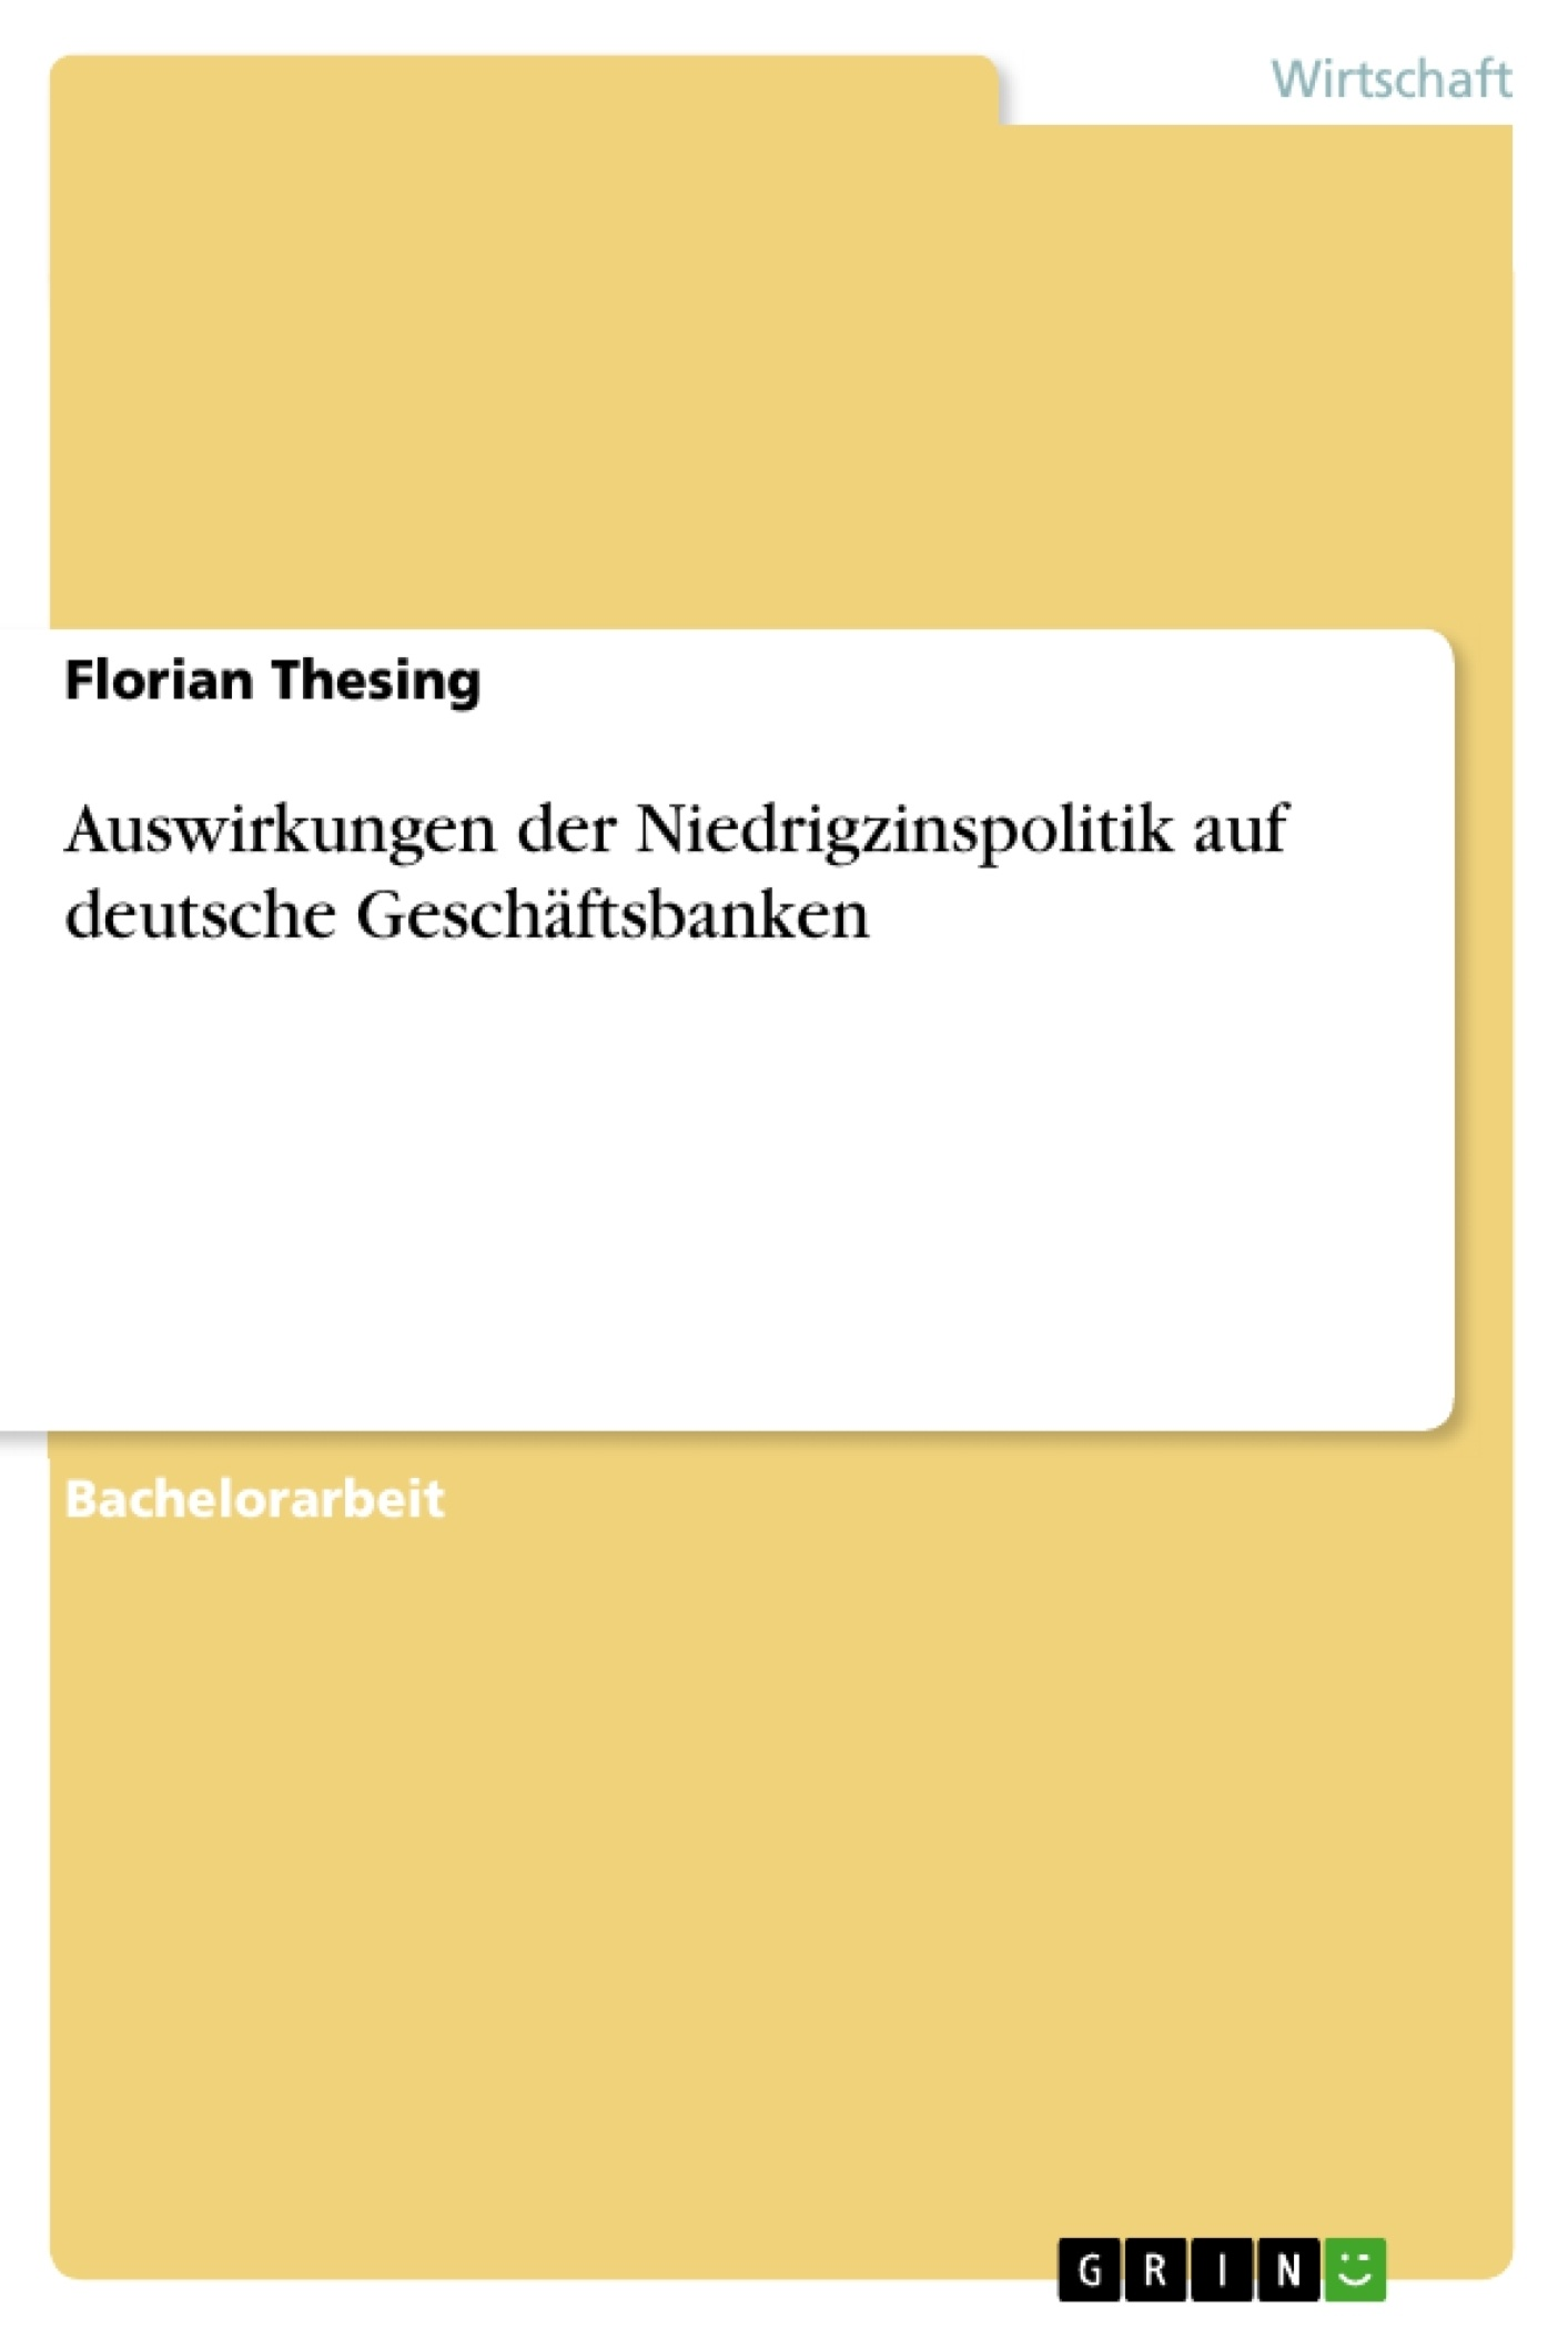 Titel: Auswirkungen der Niedrigzinspolitik auf deutsche Geschäftsbanken